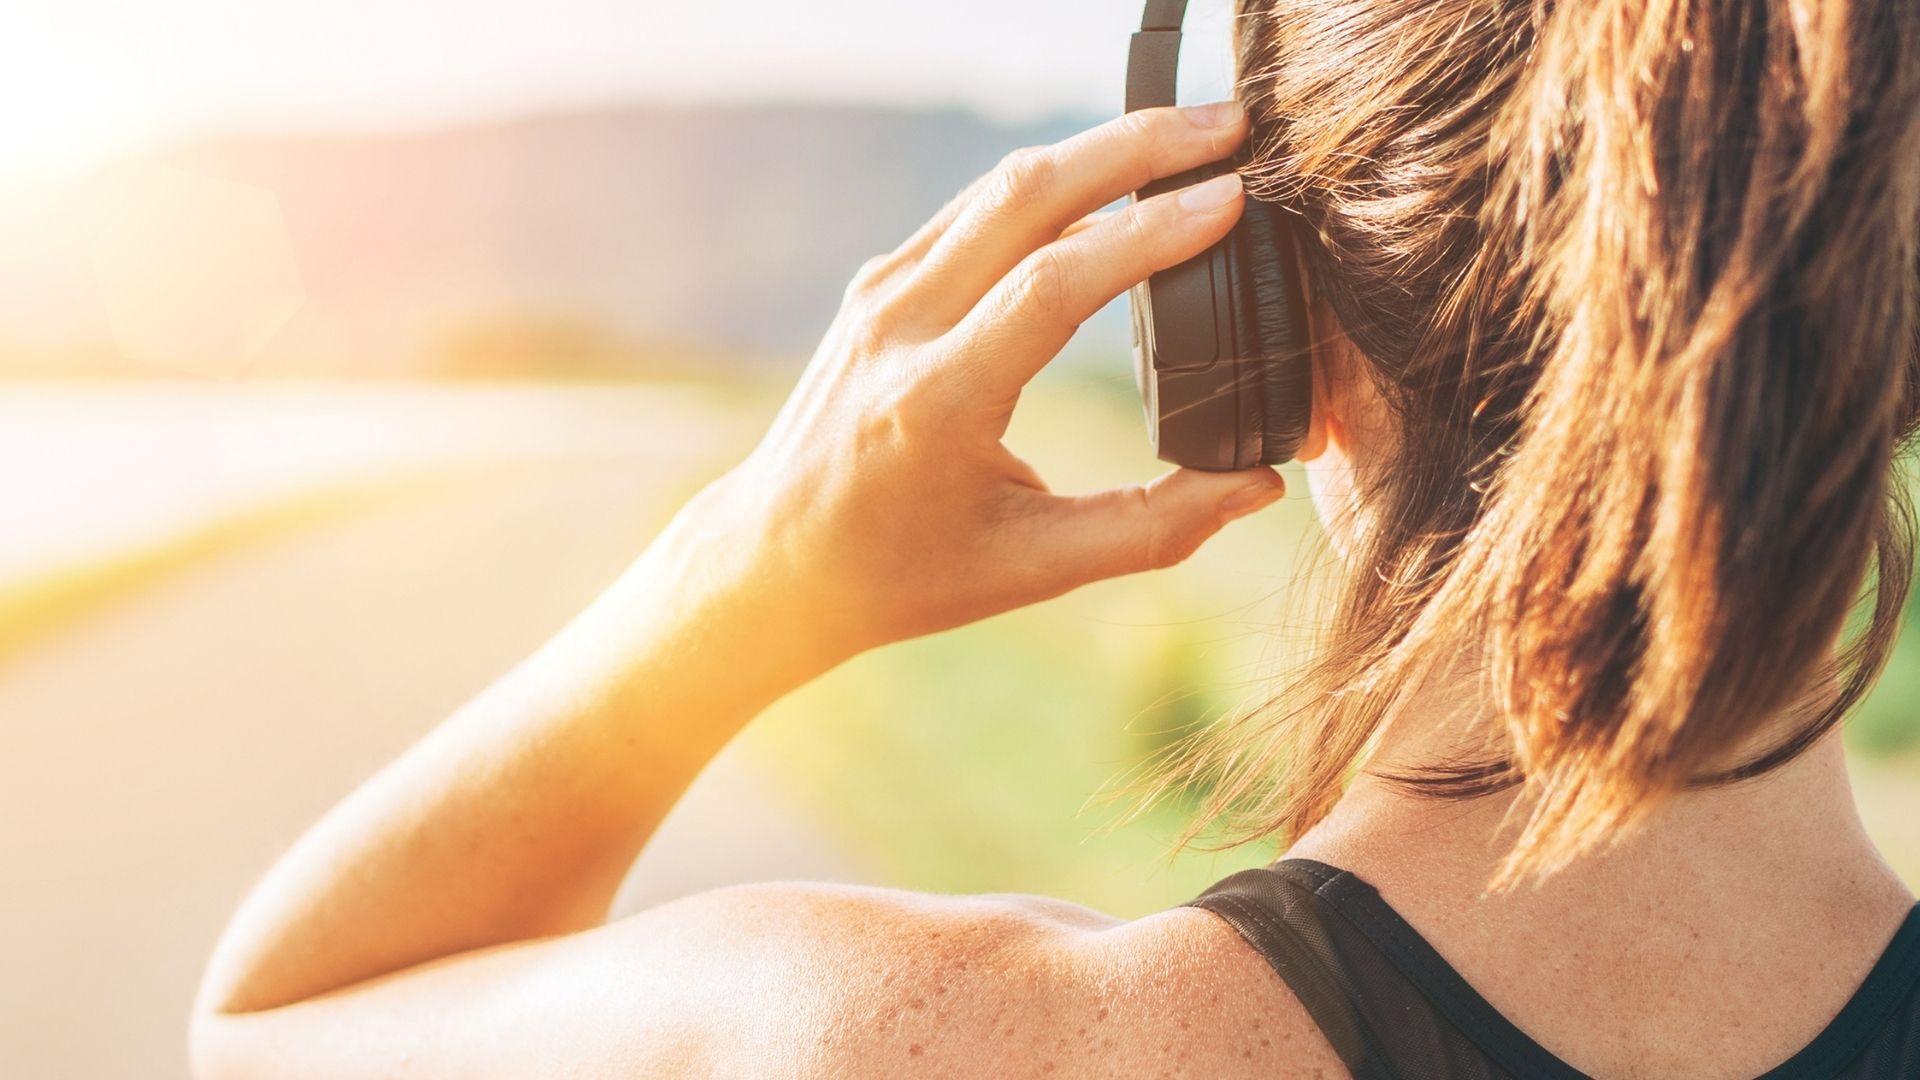 O headphone Bluetooth resistente a água é ótimo para praticar exercícios (Foto: Soloviova Liudmyla / Shutterstock.com)